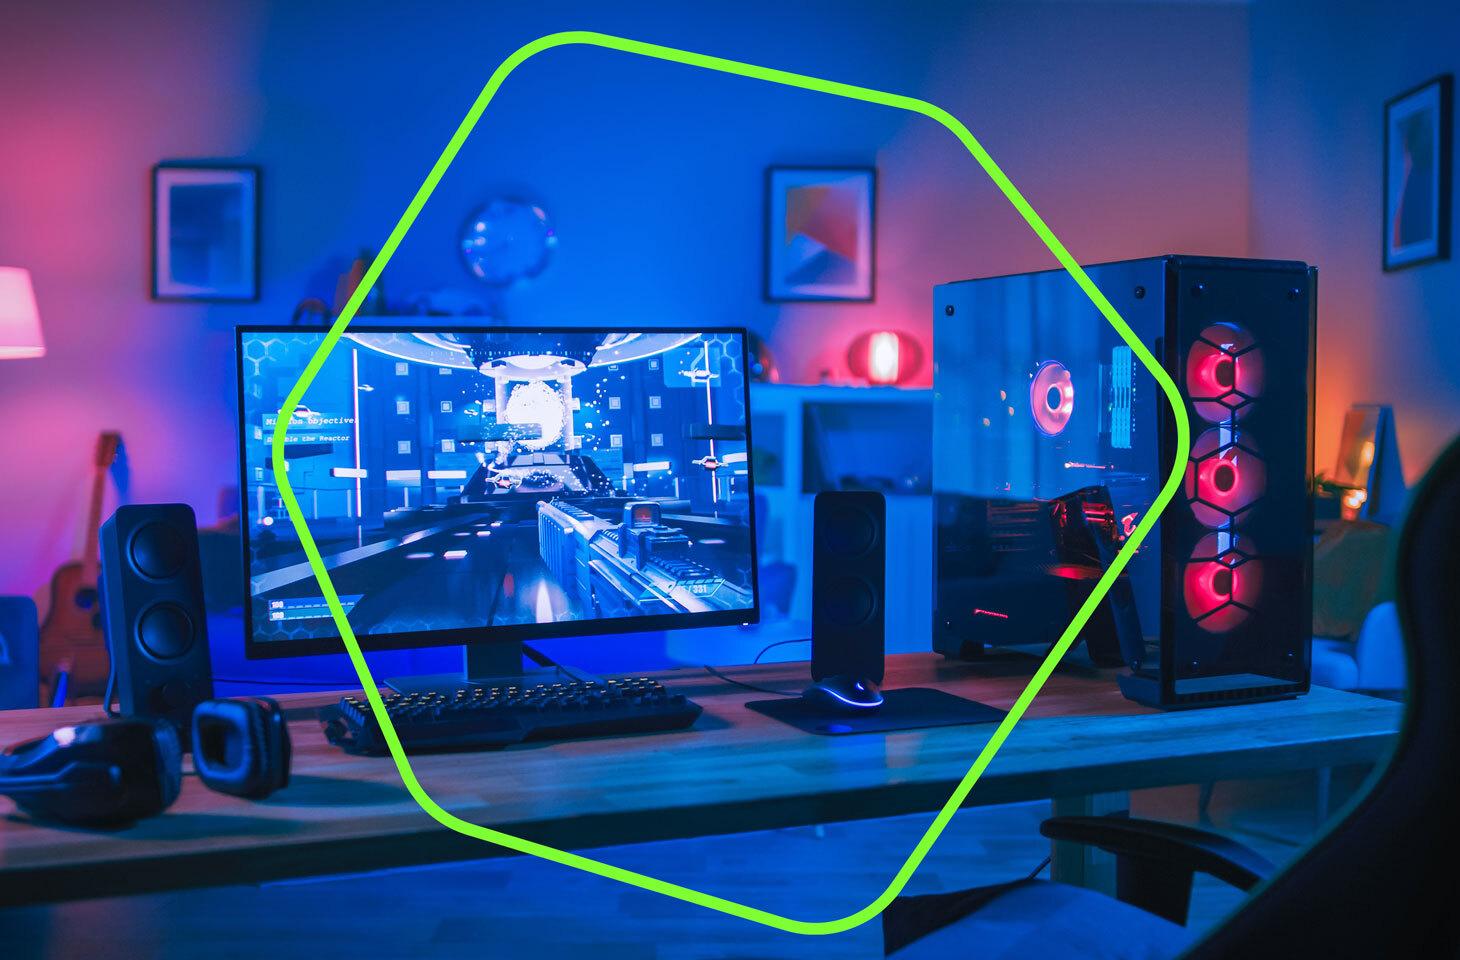 電玩玩家最易掉入的騙徒陷阱